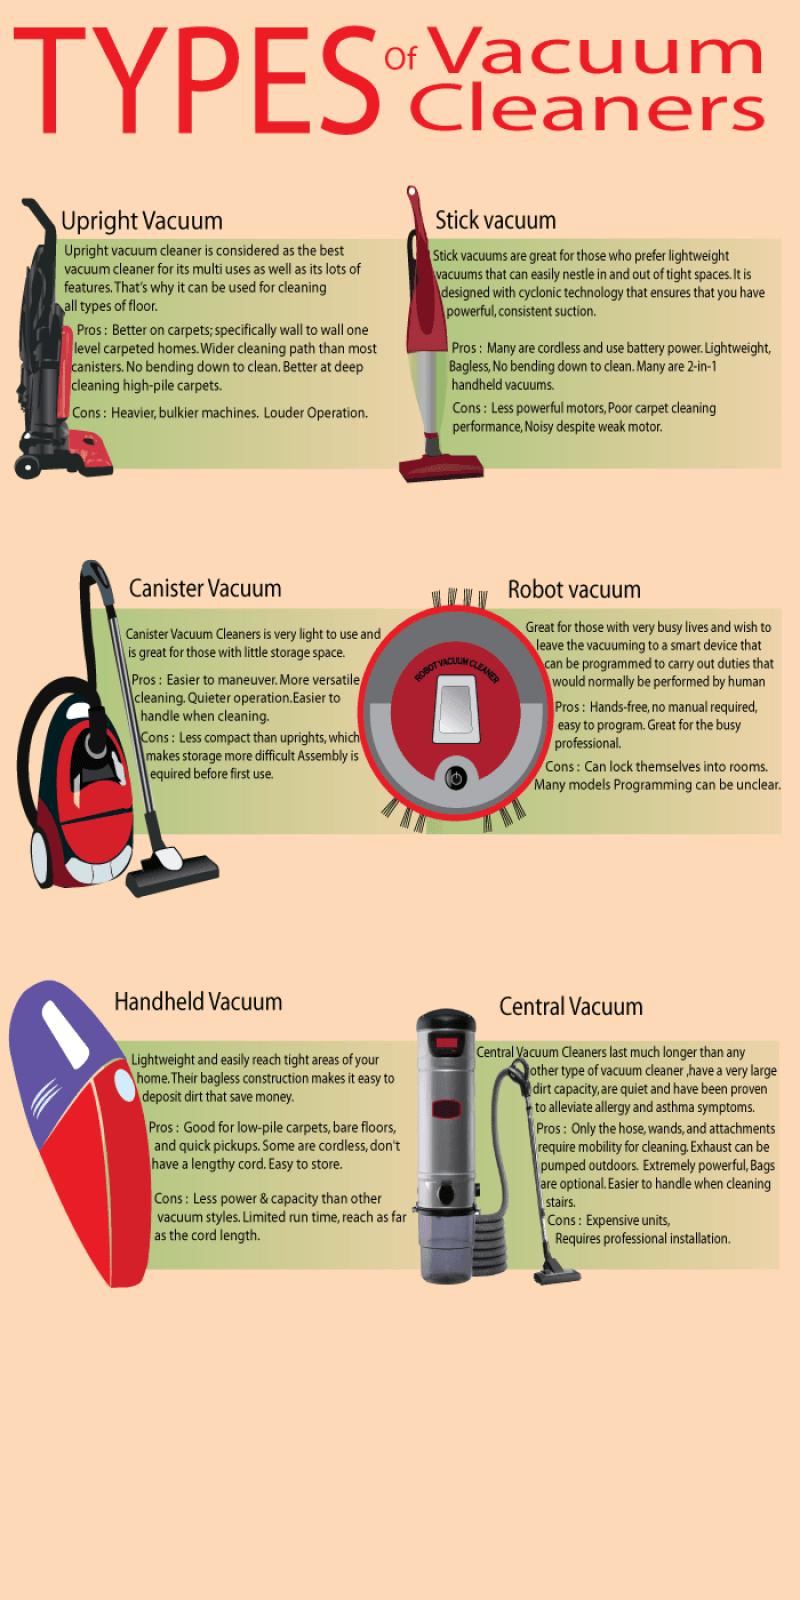 types of vacuum